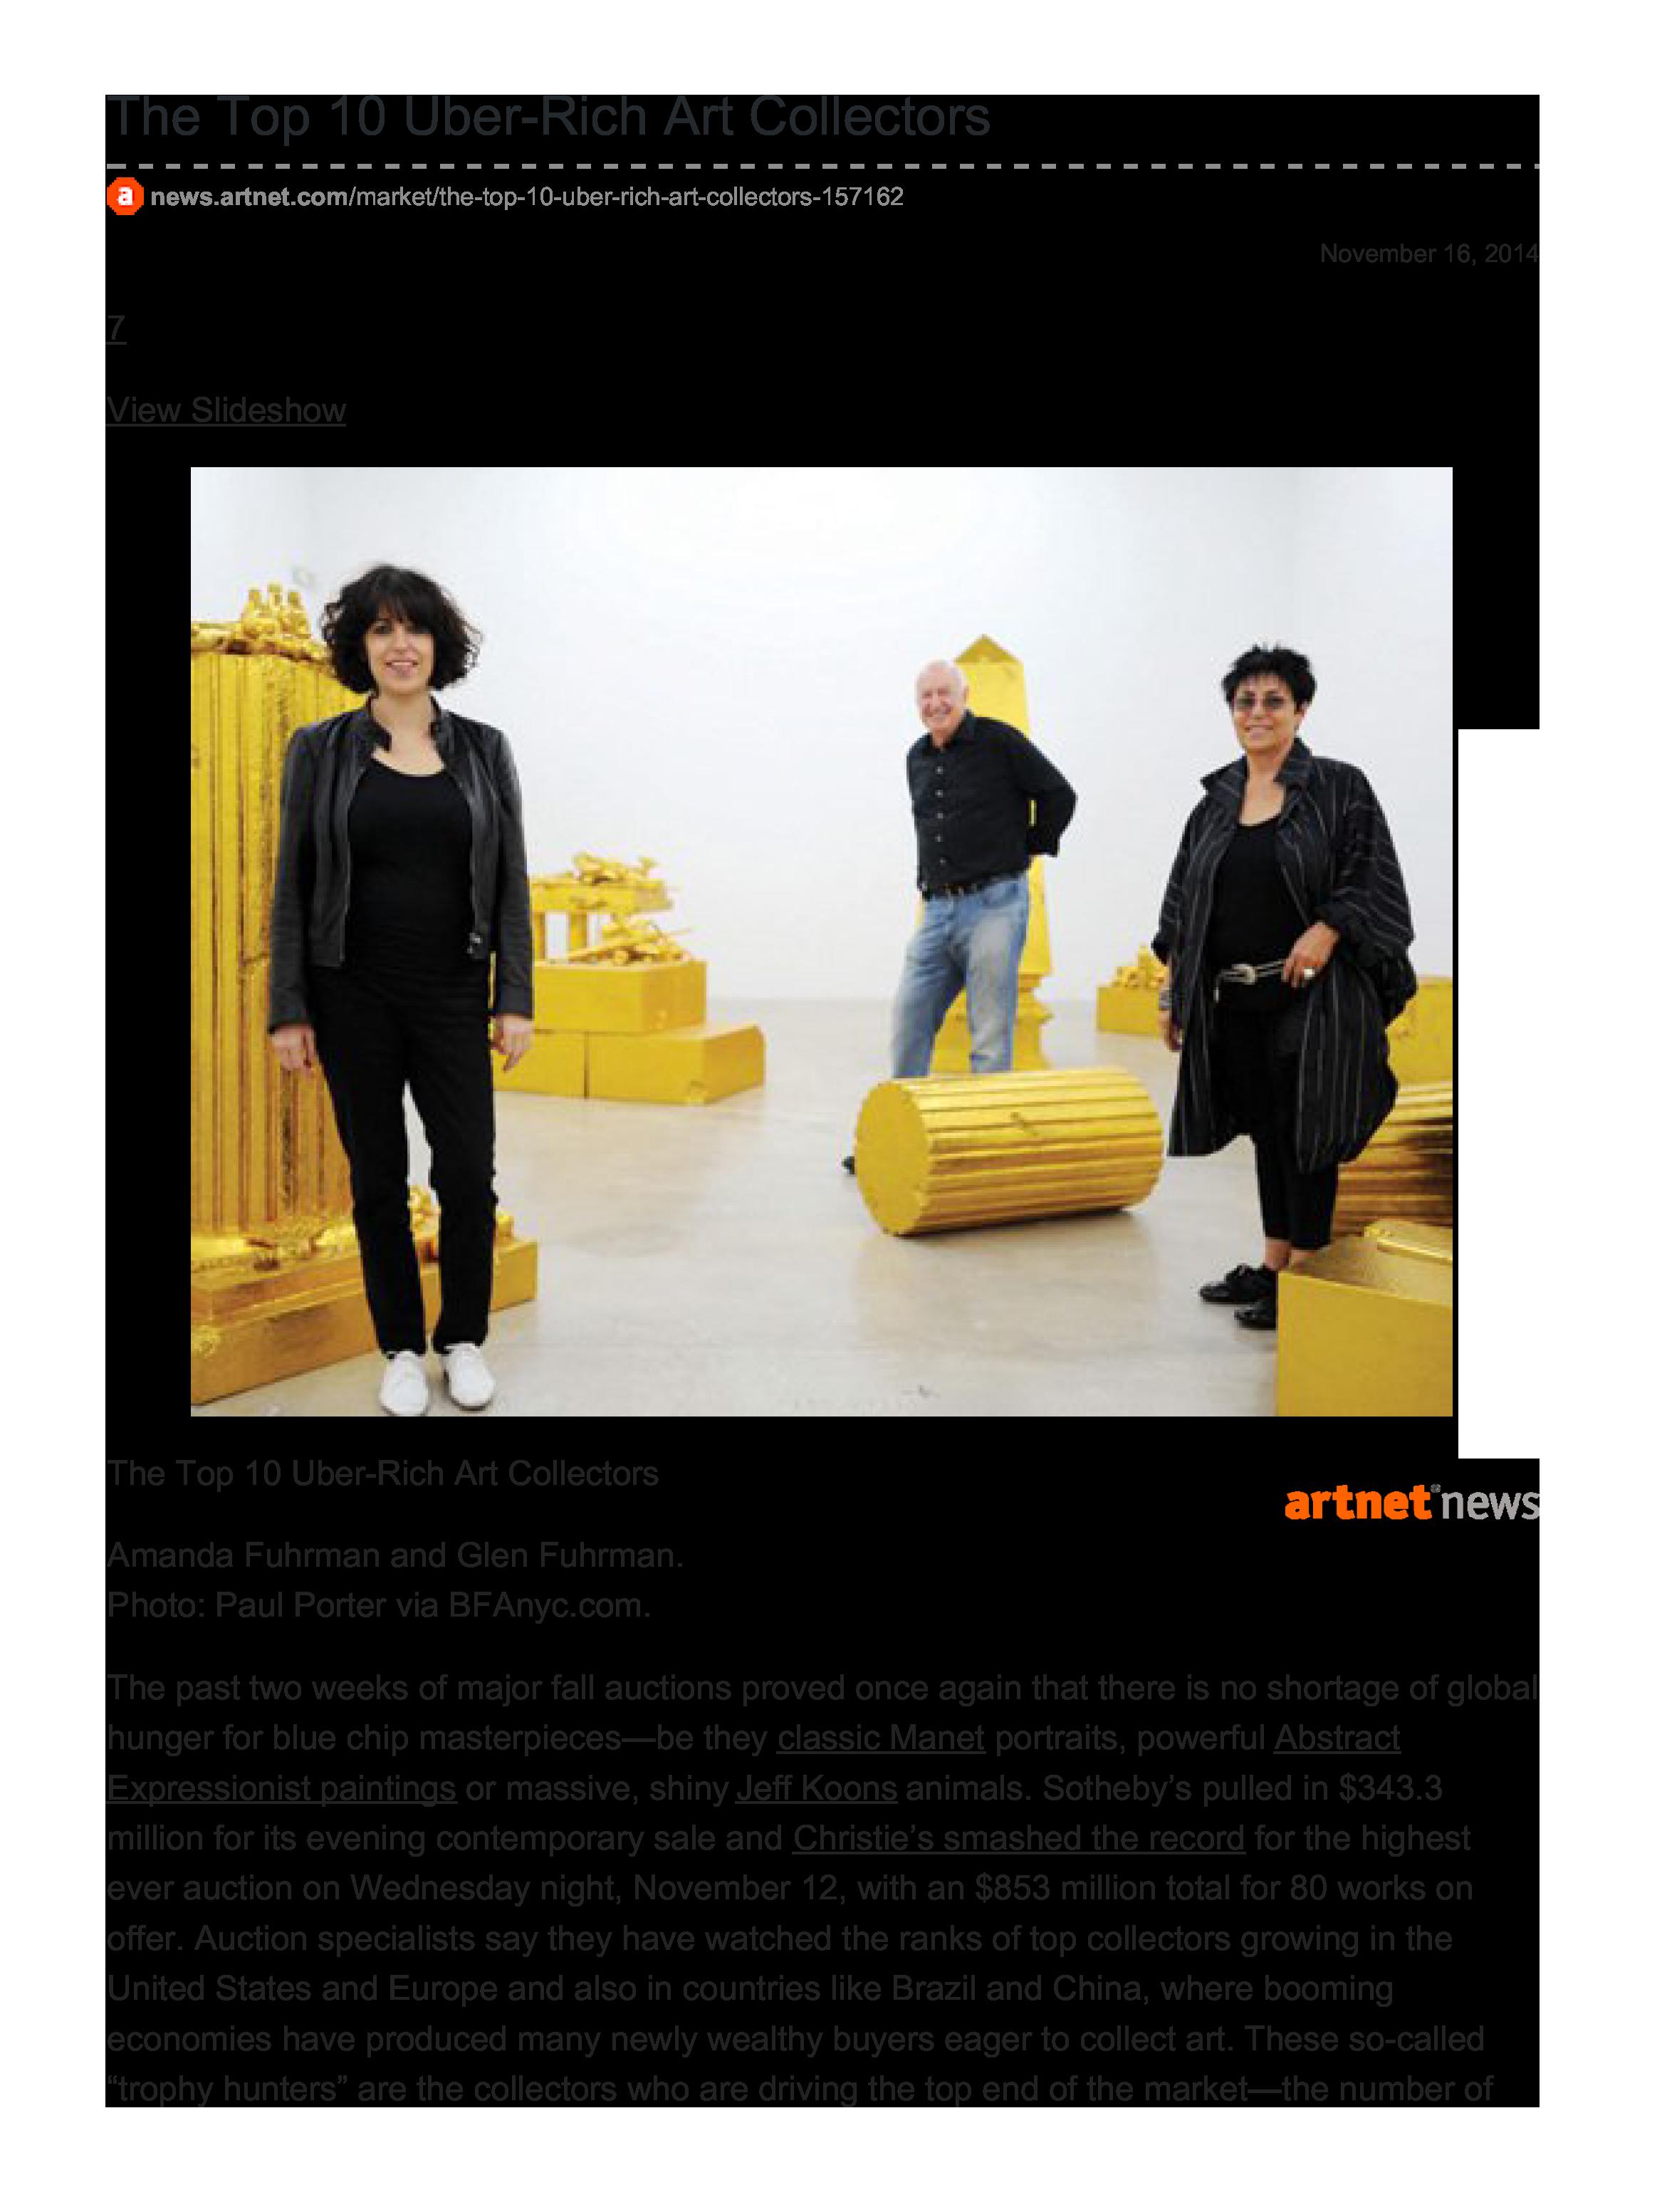 news.artnet.com-The-Top-10-Uber-Rich-Art-Collectors-1.png